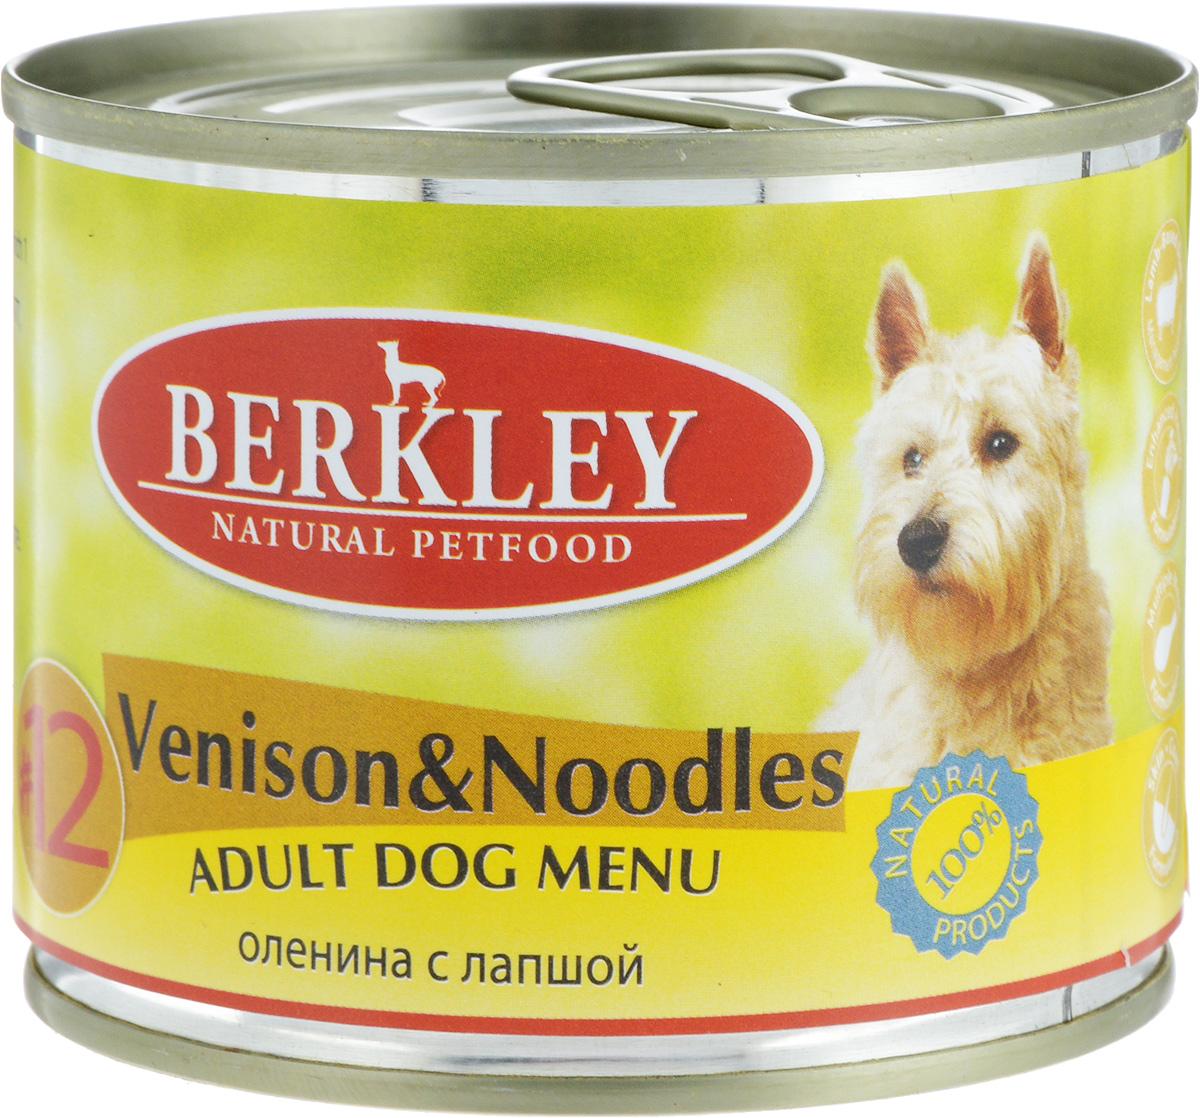 Консервы для собак Berkley №12, оленина с лапшой, 200 г12171996Консервы Berkley №12 - полноценное консервированное питание для собак. Не содержат сои, консервантов, искусственных красителей и ароматизаторов. Корм полностью удовлетворяет ежедневные энергетические потребности животного и обеспечивает оптимальное функционирование пищеварительной системы.Товар сертифицирован.